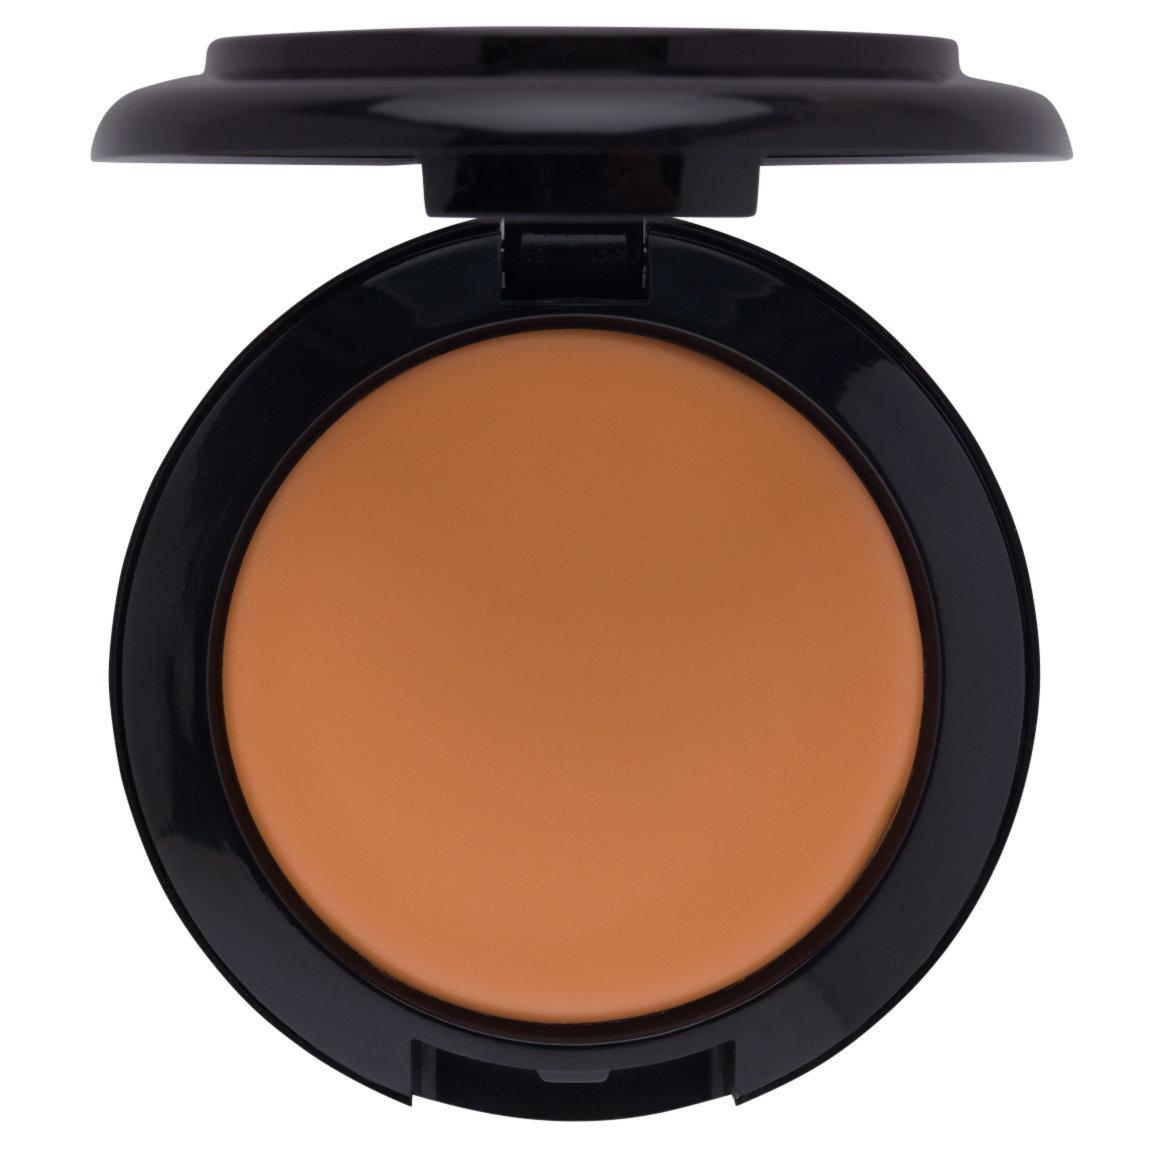 Danessa Myricks Beauty Power Bronzer Light alternative view 1.